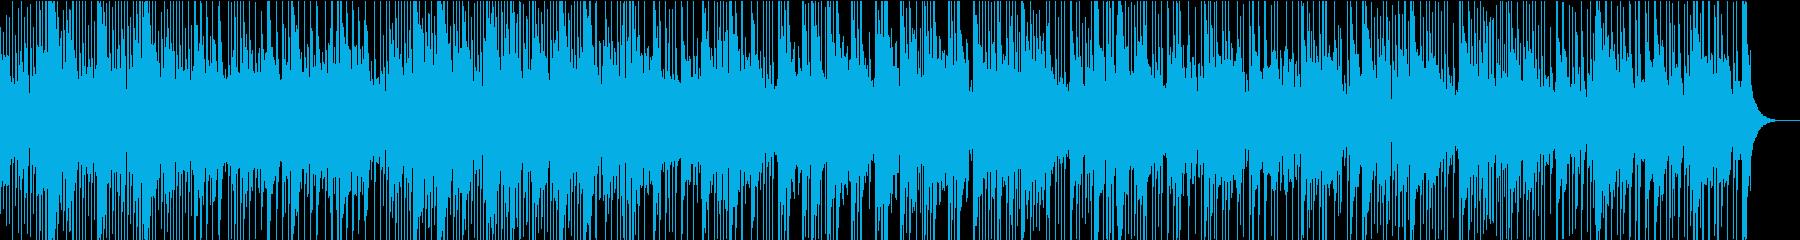 南国の番組にぴったりなカリンバの民族音楽の再生済みの波形